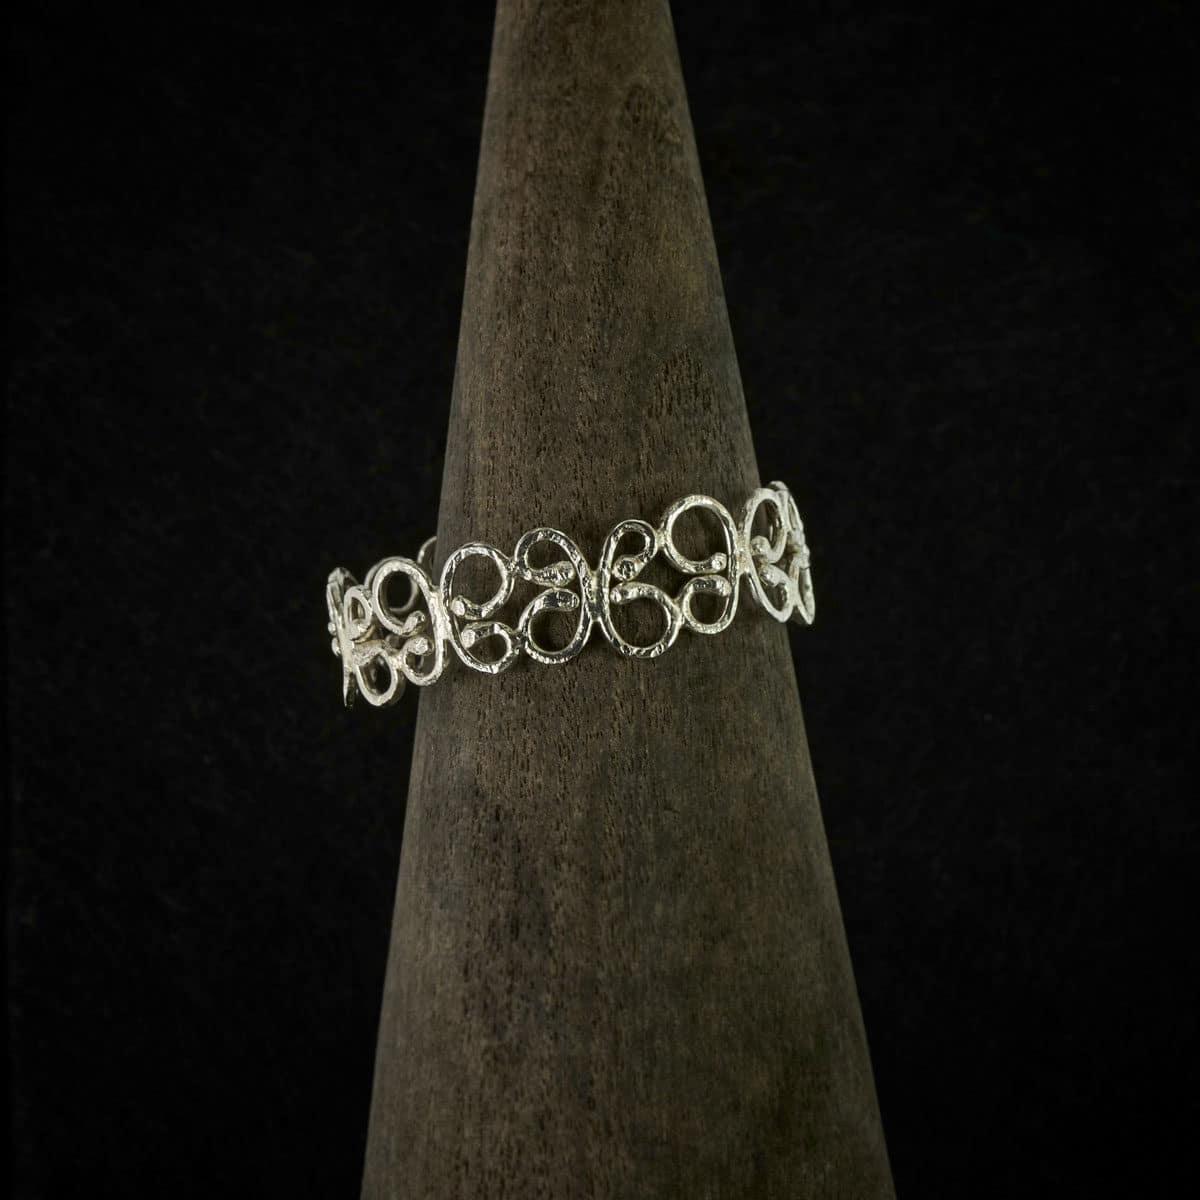 Pulsera de plata, joyería artesanal modelo Bolboreta. Joyas Siliva.